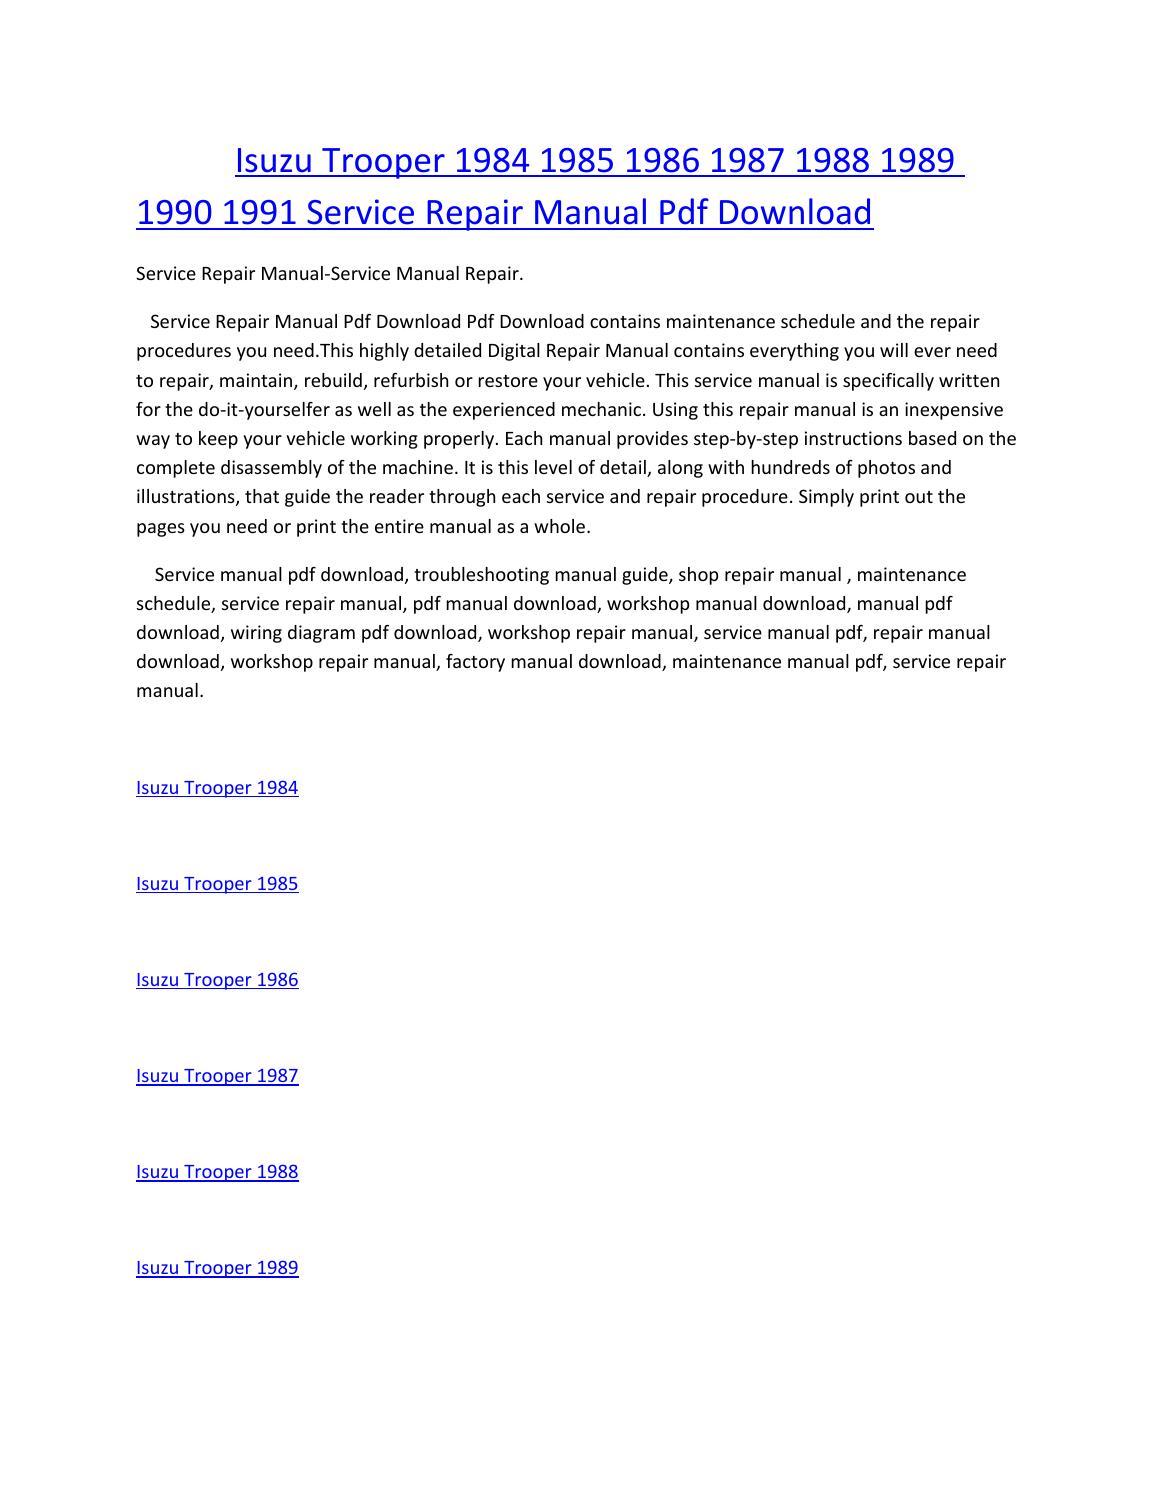 Isuzu trooper 1984 1985 1986 1987 1988 1989 1990 1991 service manual repair  pdf download by amurgului - issuu